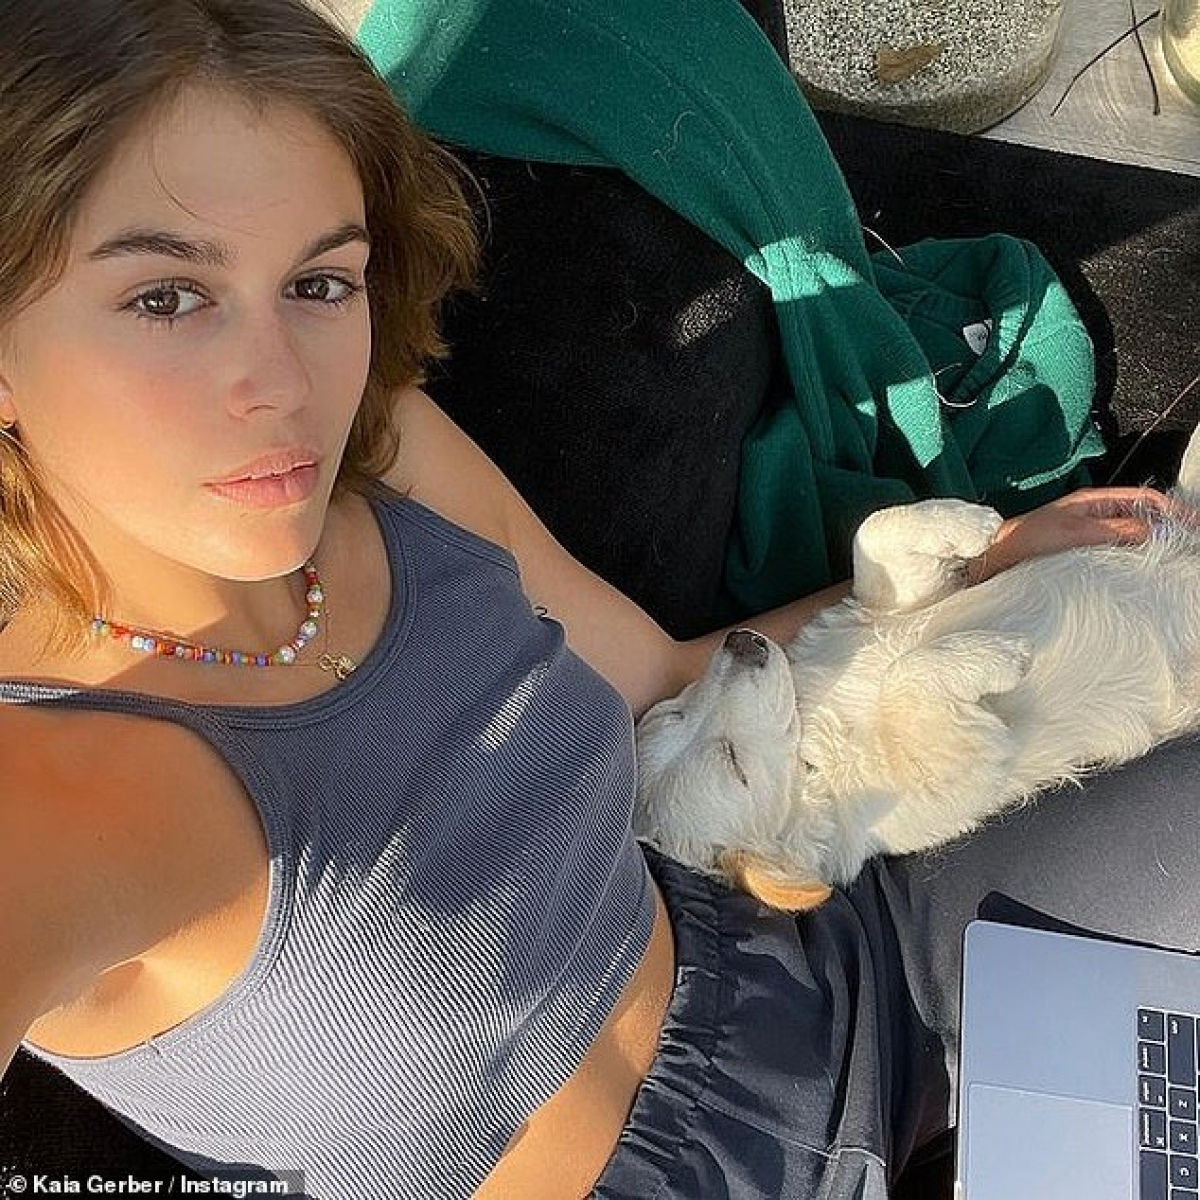 Hiện, người mẫu 19 tuổi cùng bạn trai sống tại Malibu, Mỹ.